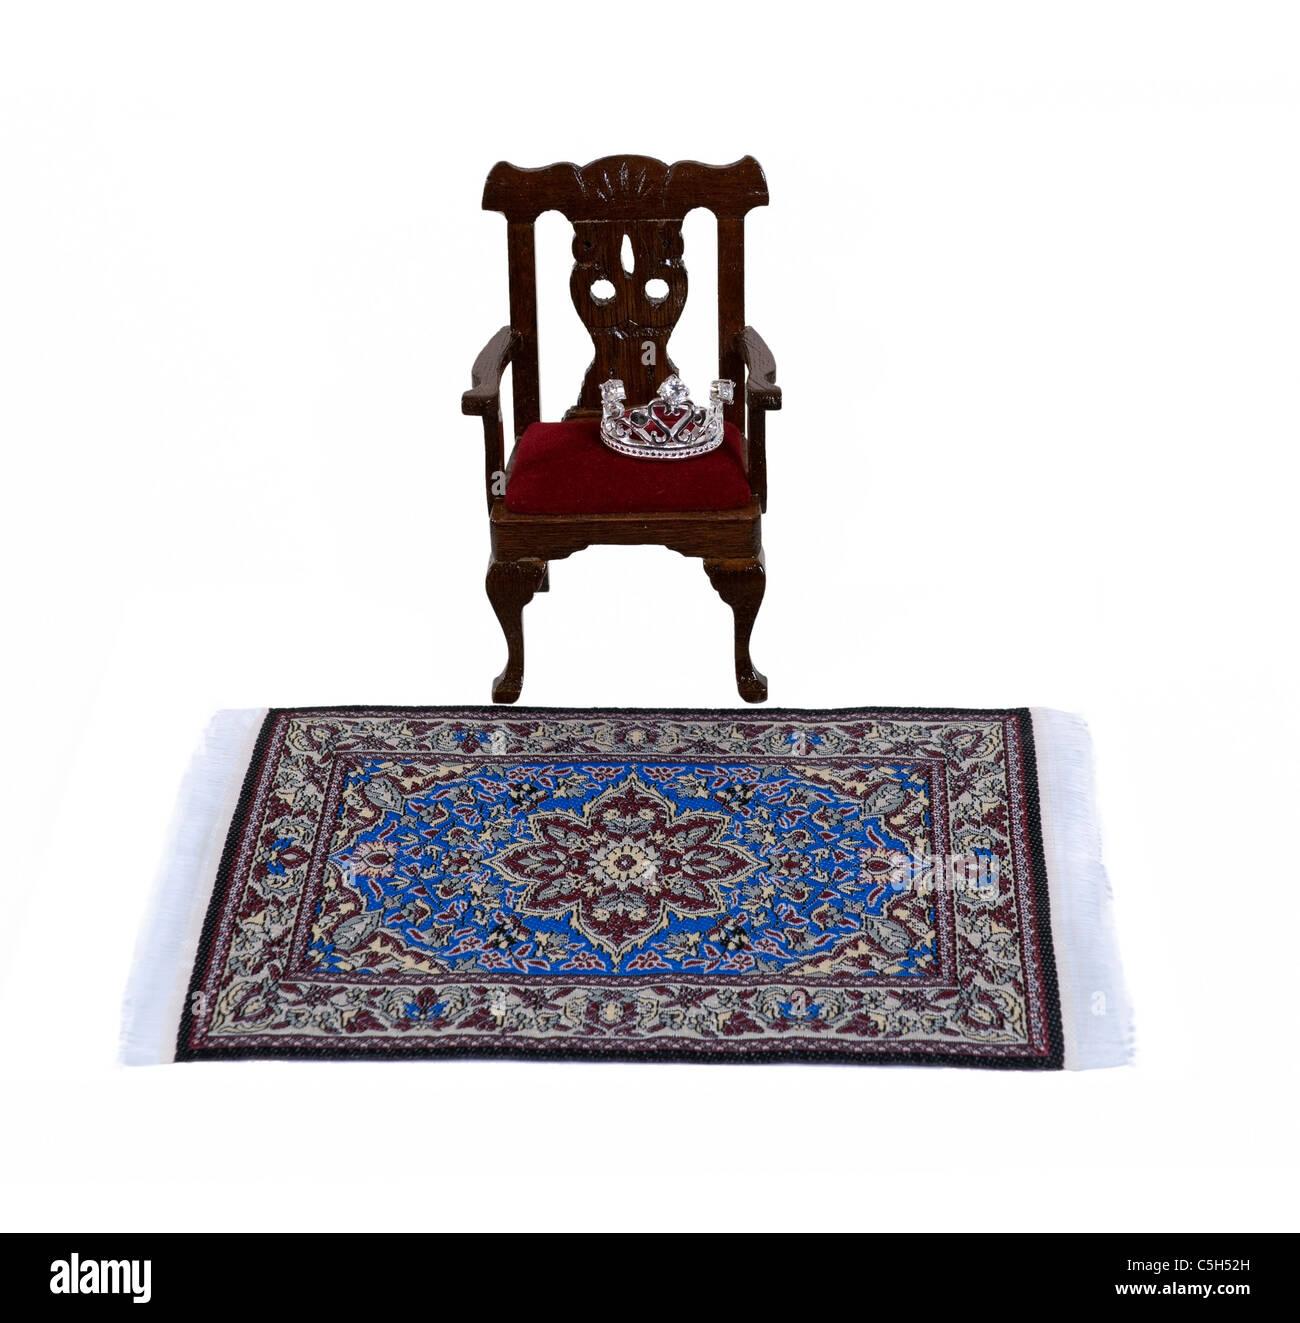 Behandelt wie ein König dargestellt durch einen formalen Holzstuhl mit einer Diamant-Krone mit einer komplizierten Stockbild